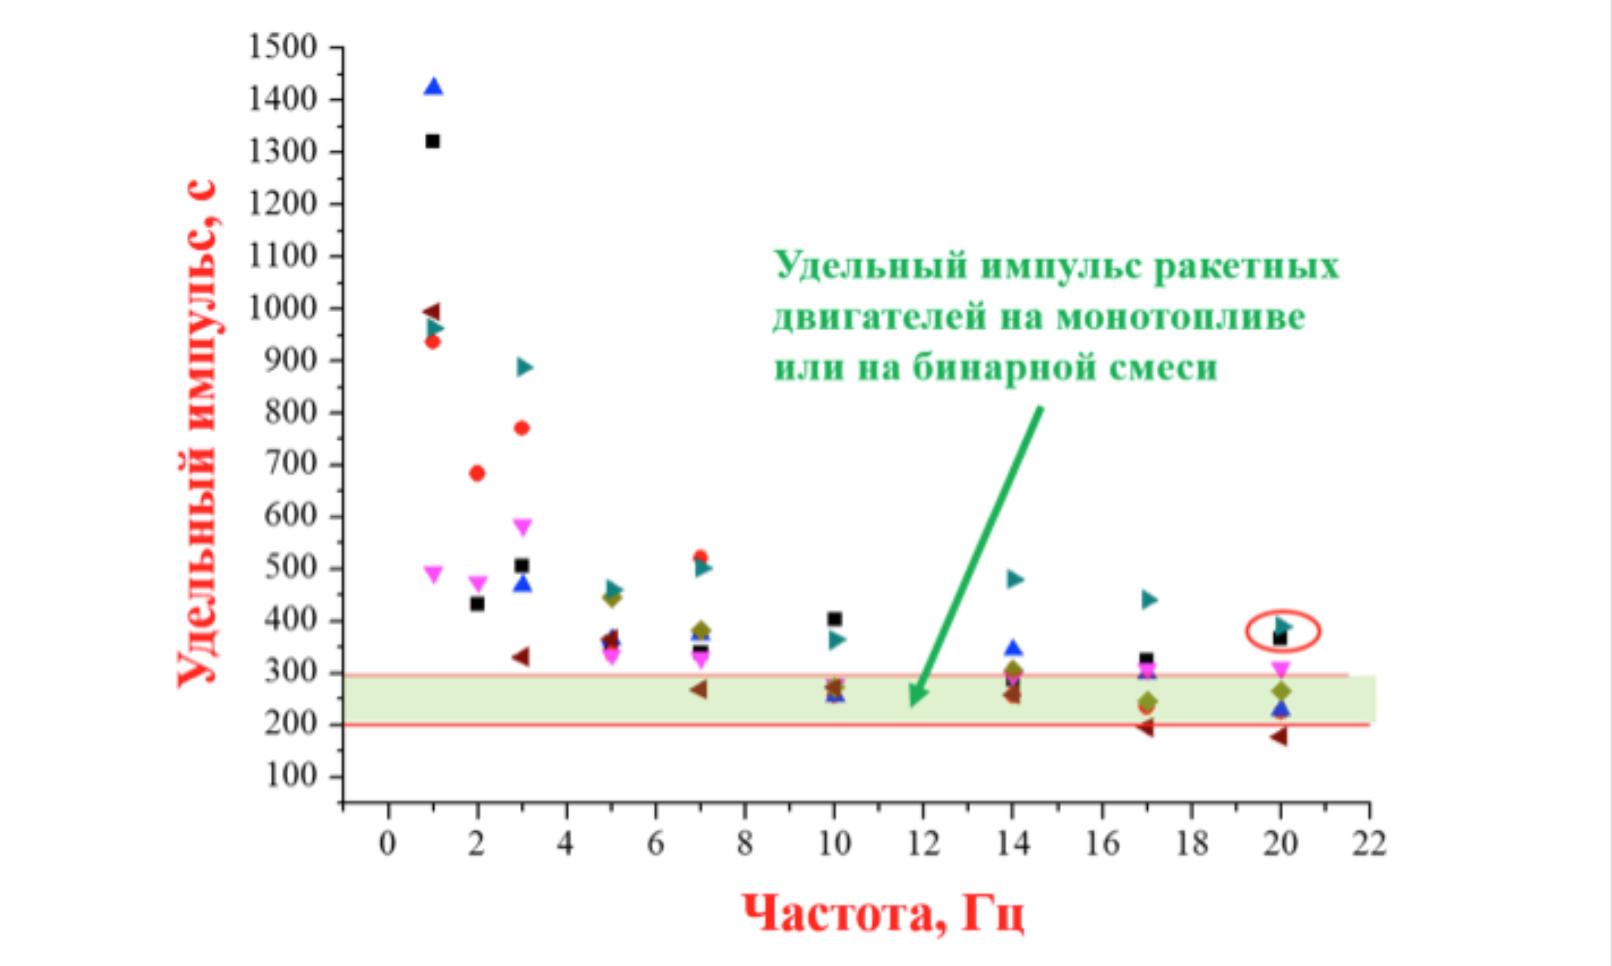 Рис. 8. Измеренные зависимости удельного импульса тяги экспериментального образца прямоточного импульсно-детонационного гидрореактивного движителя от рабочей частоты (разные значки для разных образцов)